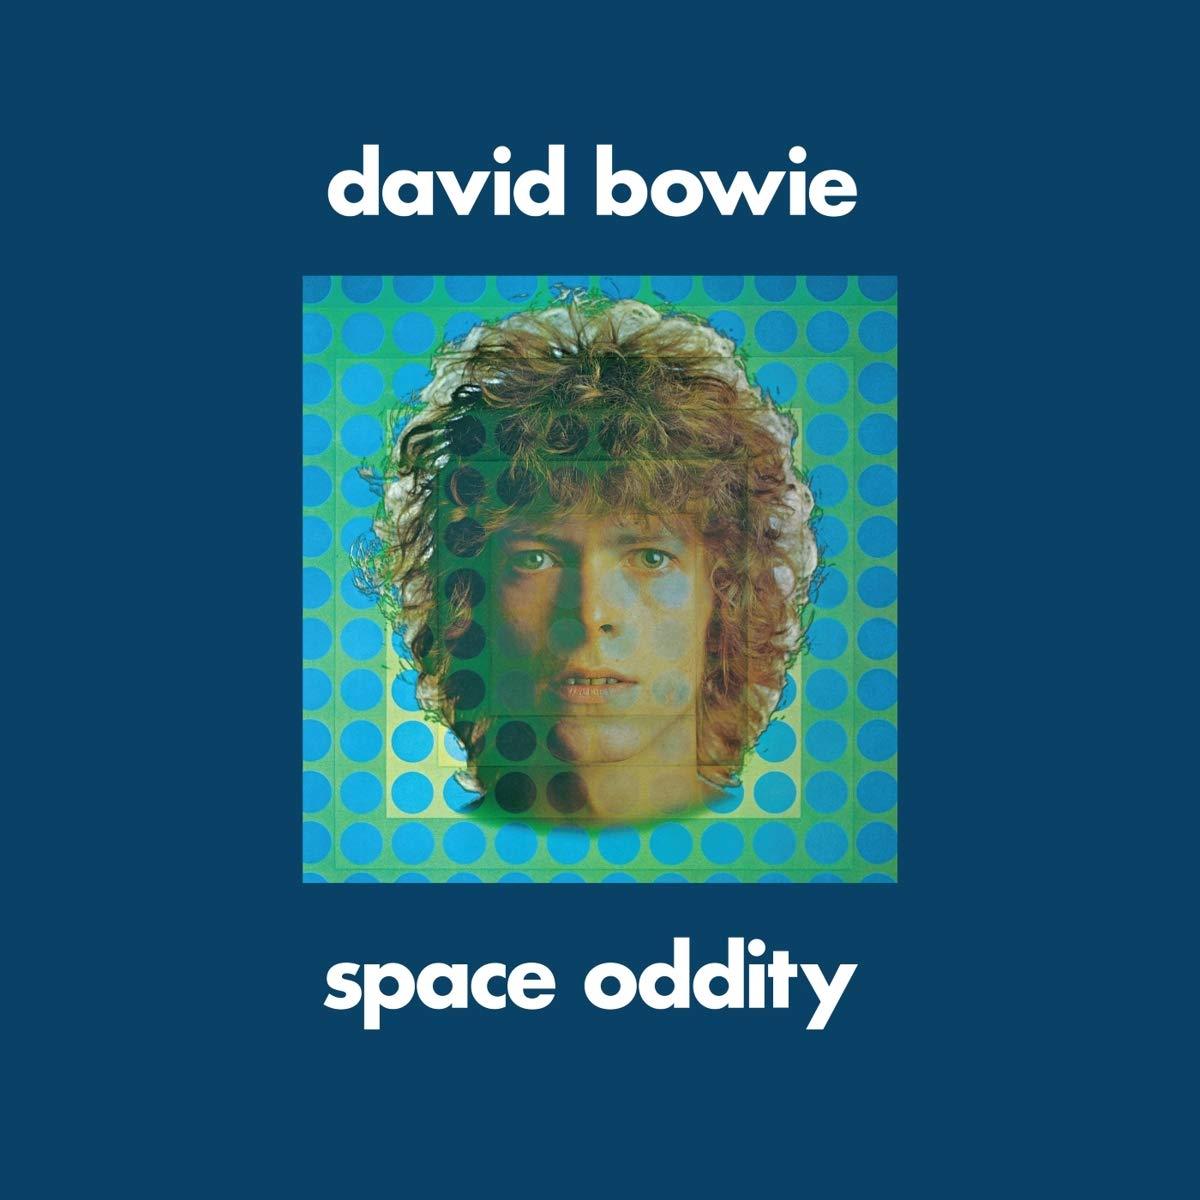 David Bowie – Space Oddity (2019 Mix) (2019) [FLAC]